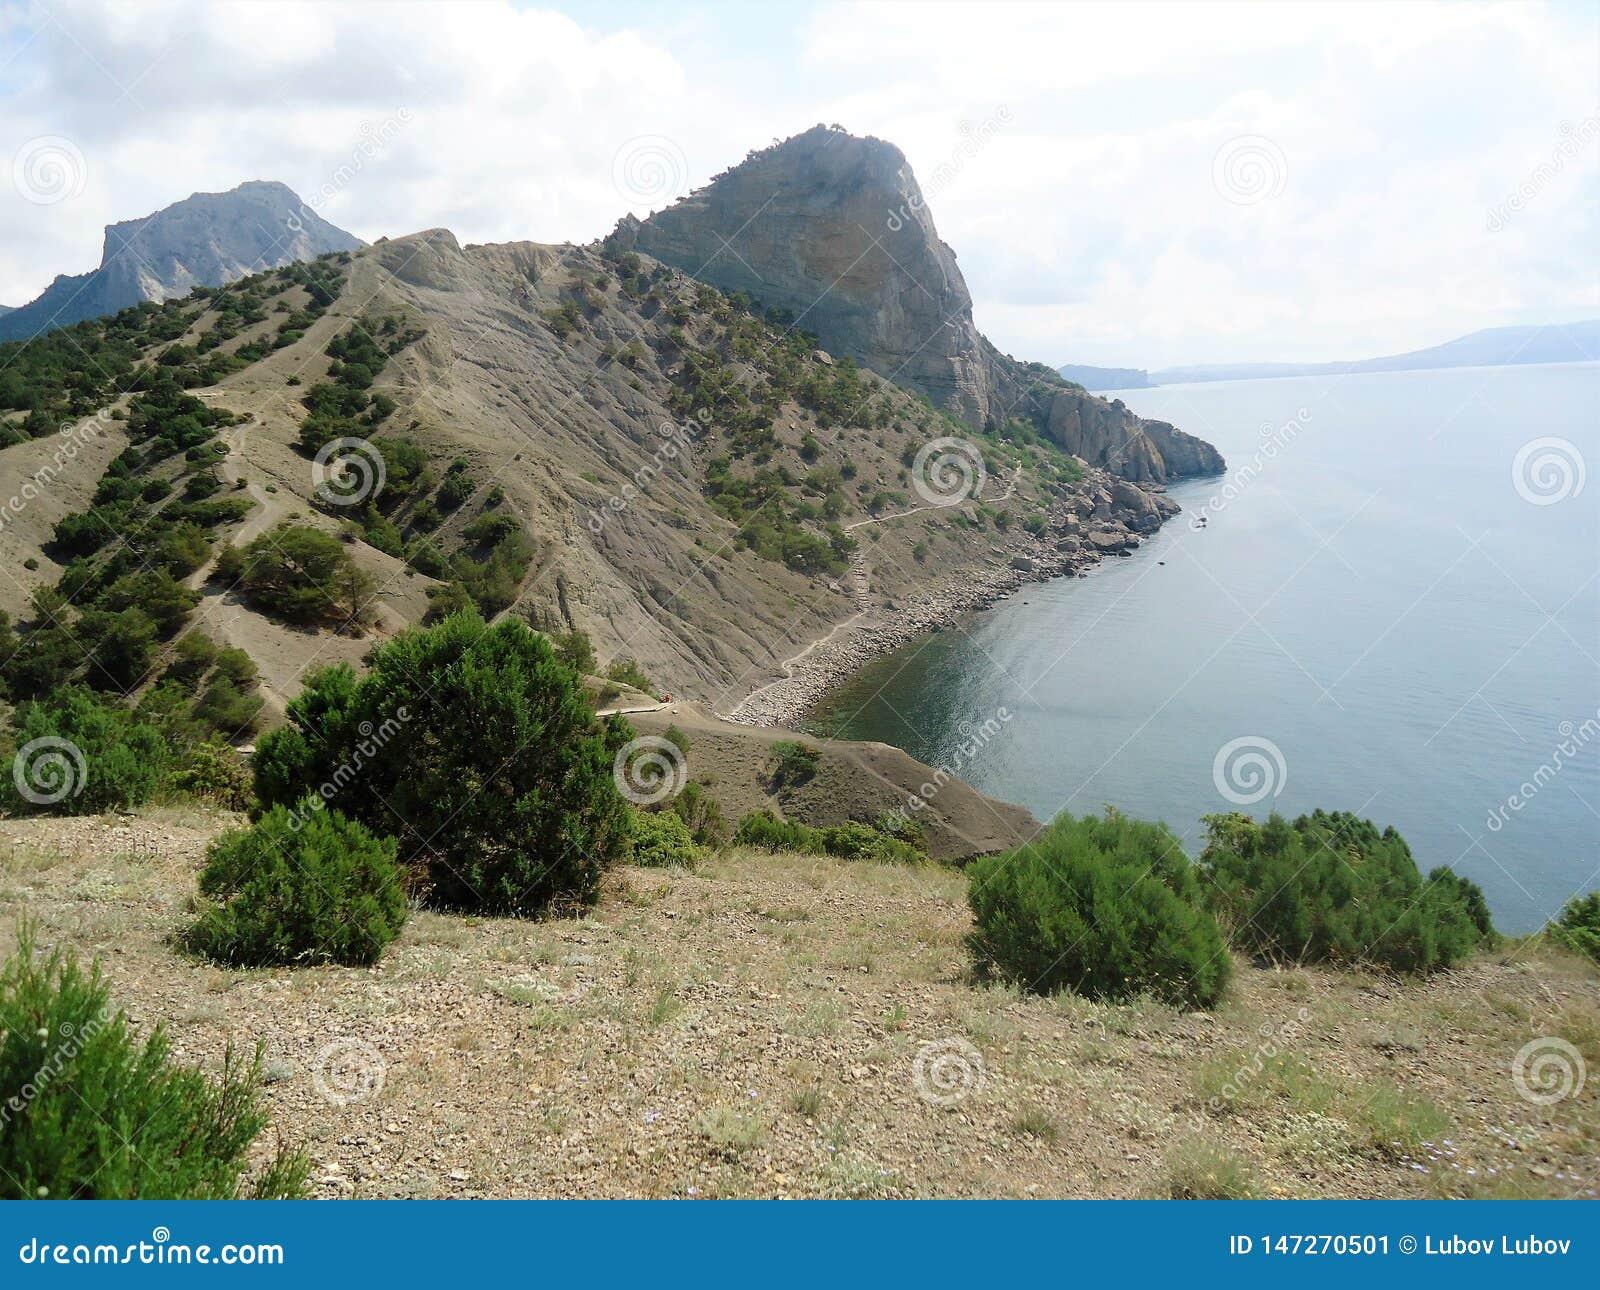 Τα βουνά στο νησί είναι απότομα και απρόσιτα